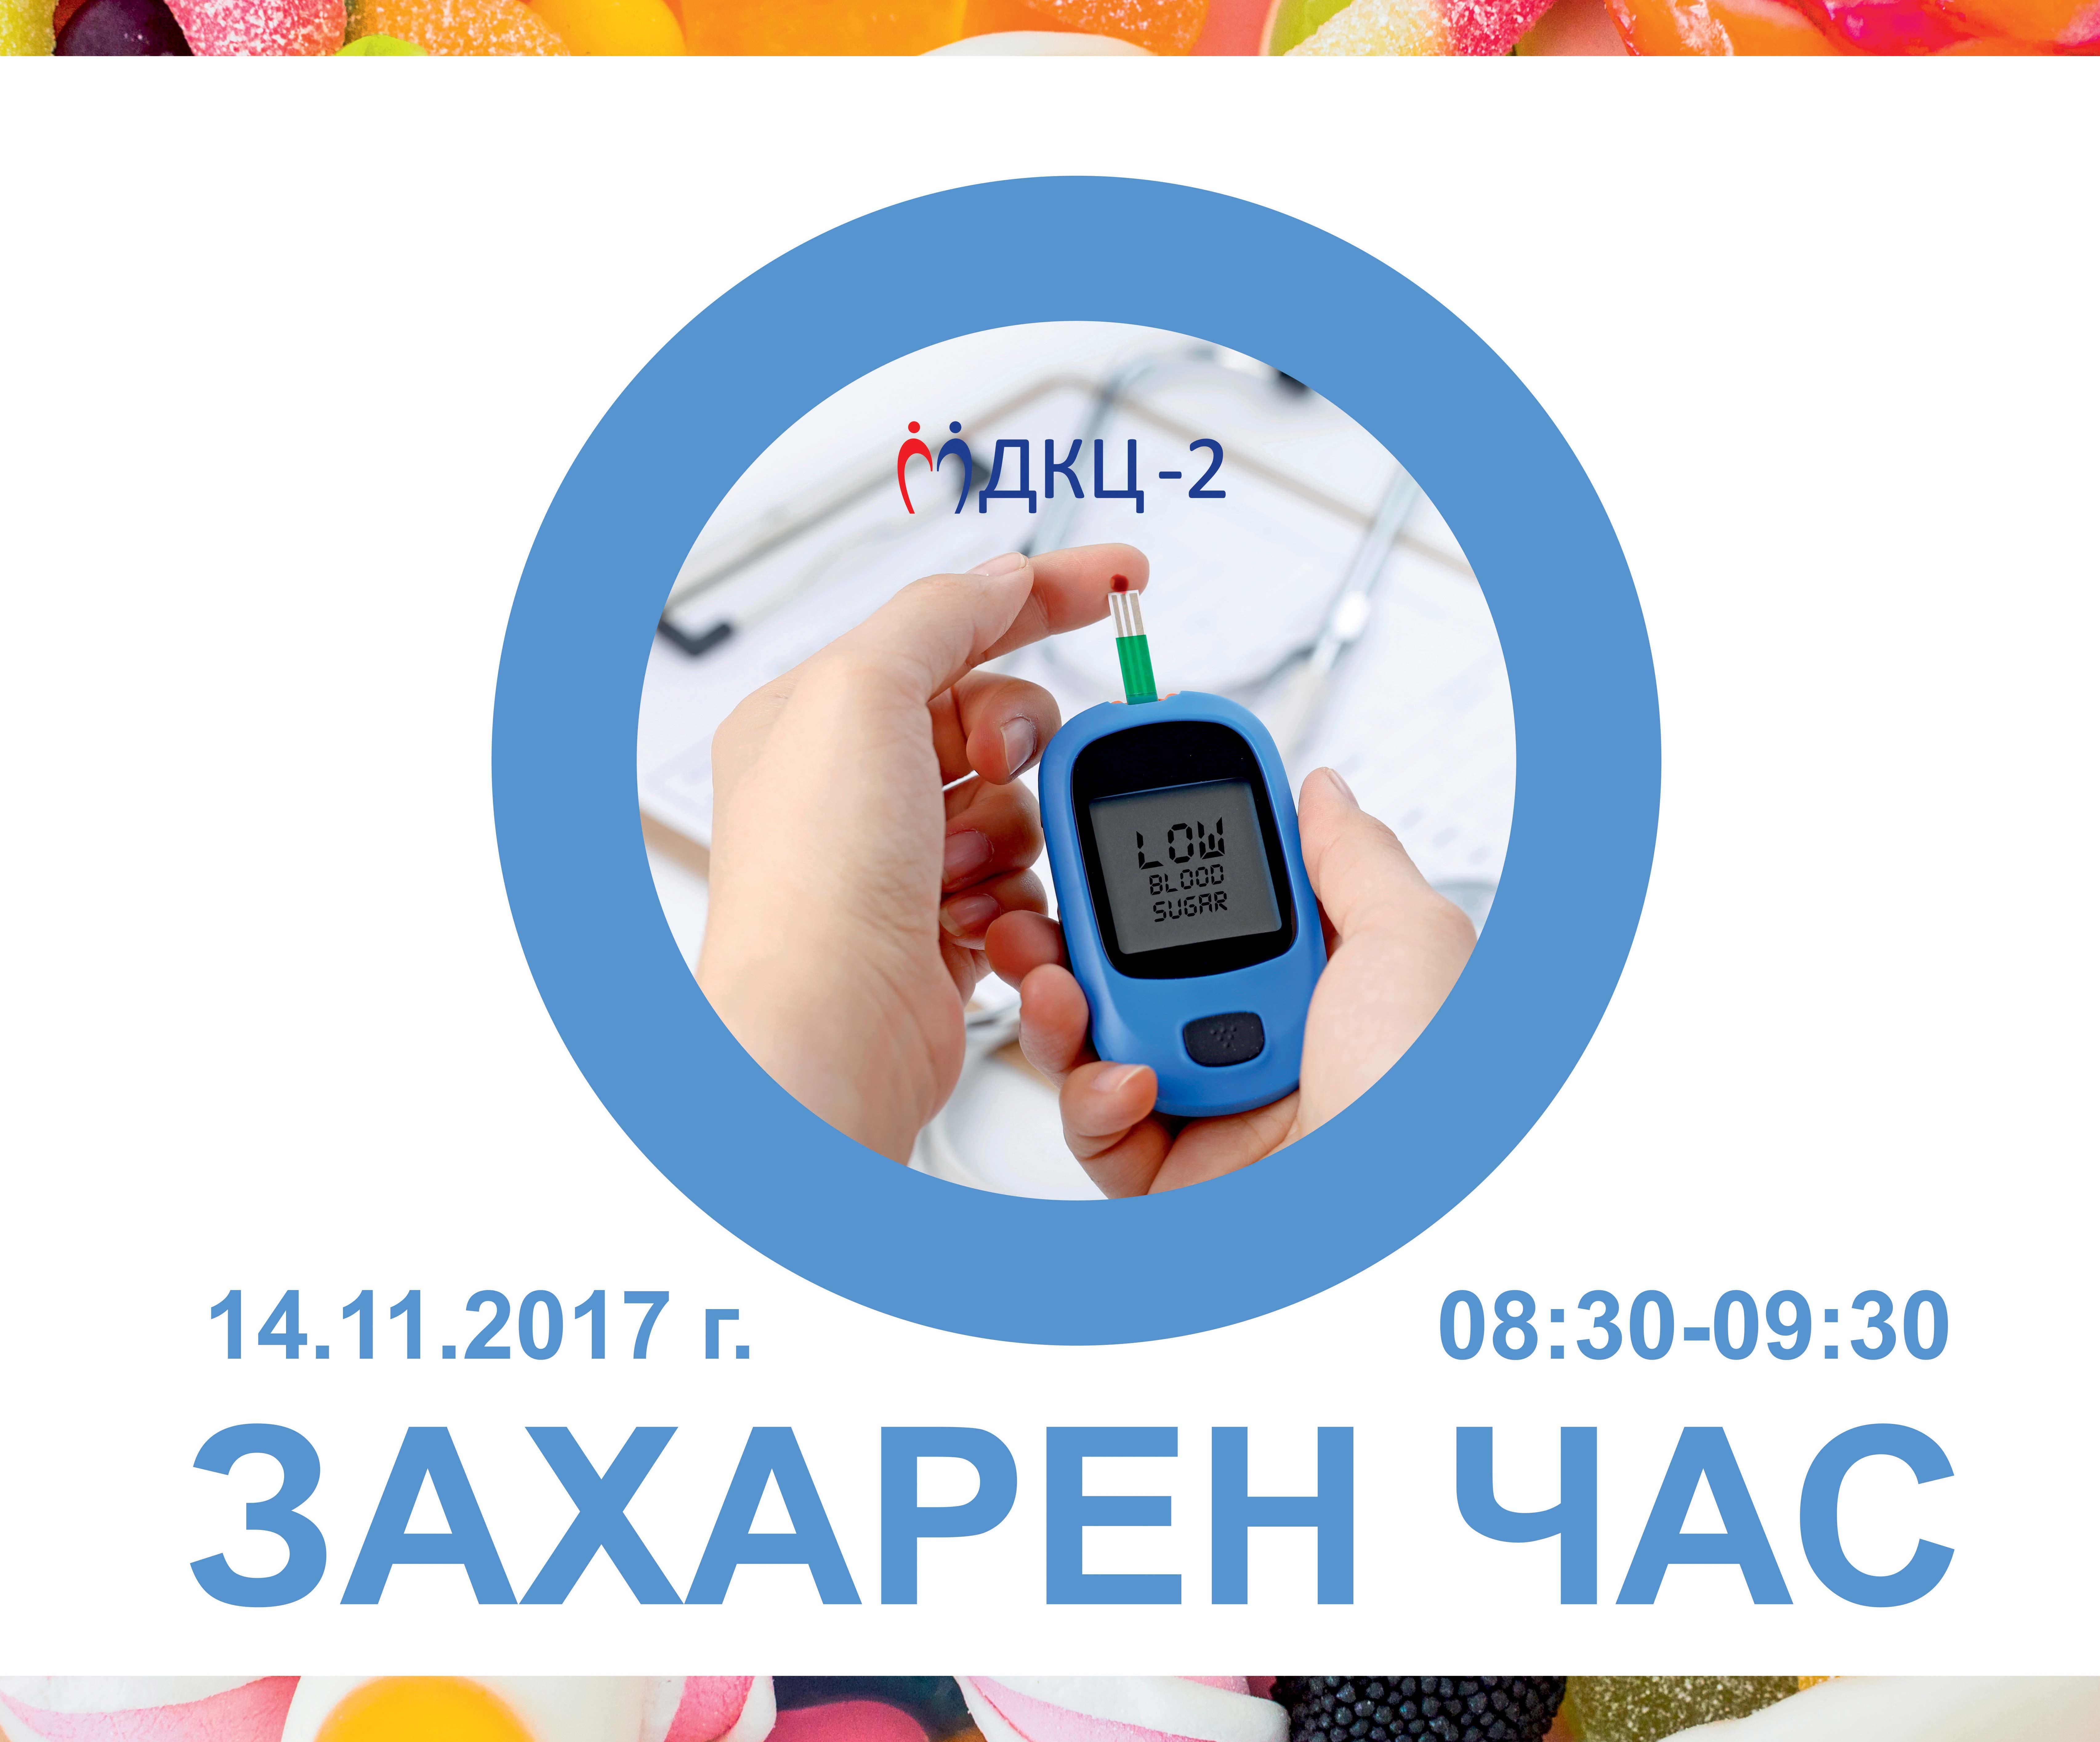 """Photo of """"Захарен час"""" се провежда днес в ДКЦ-2"""